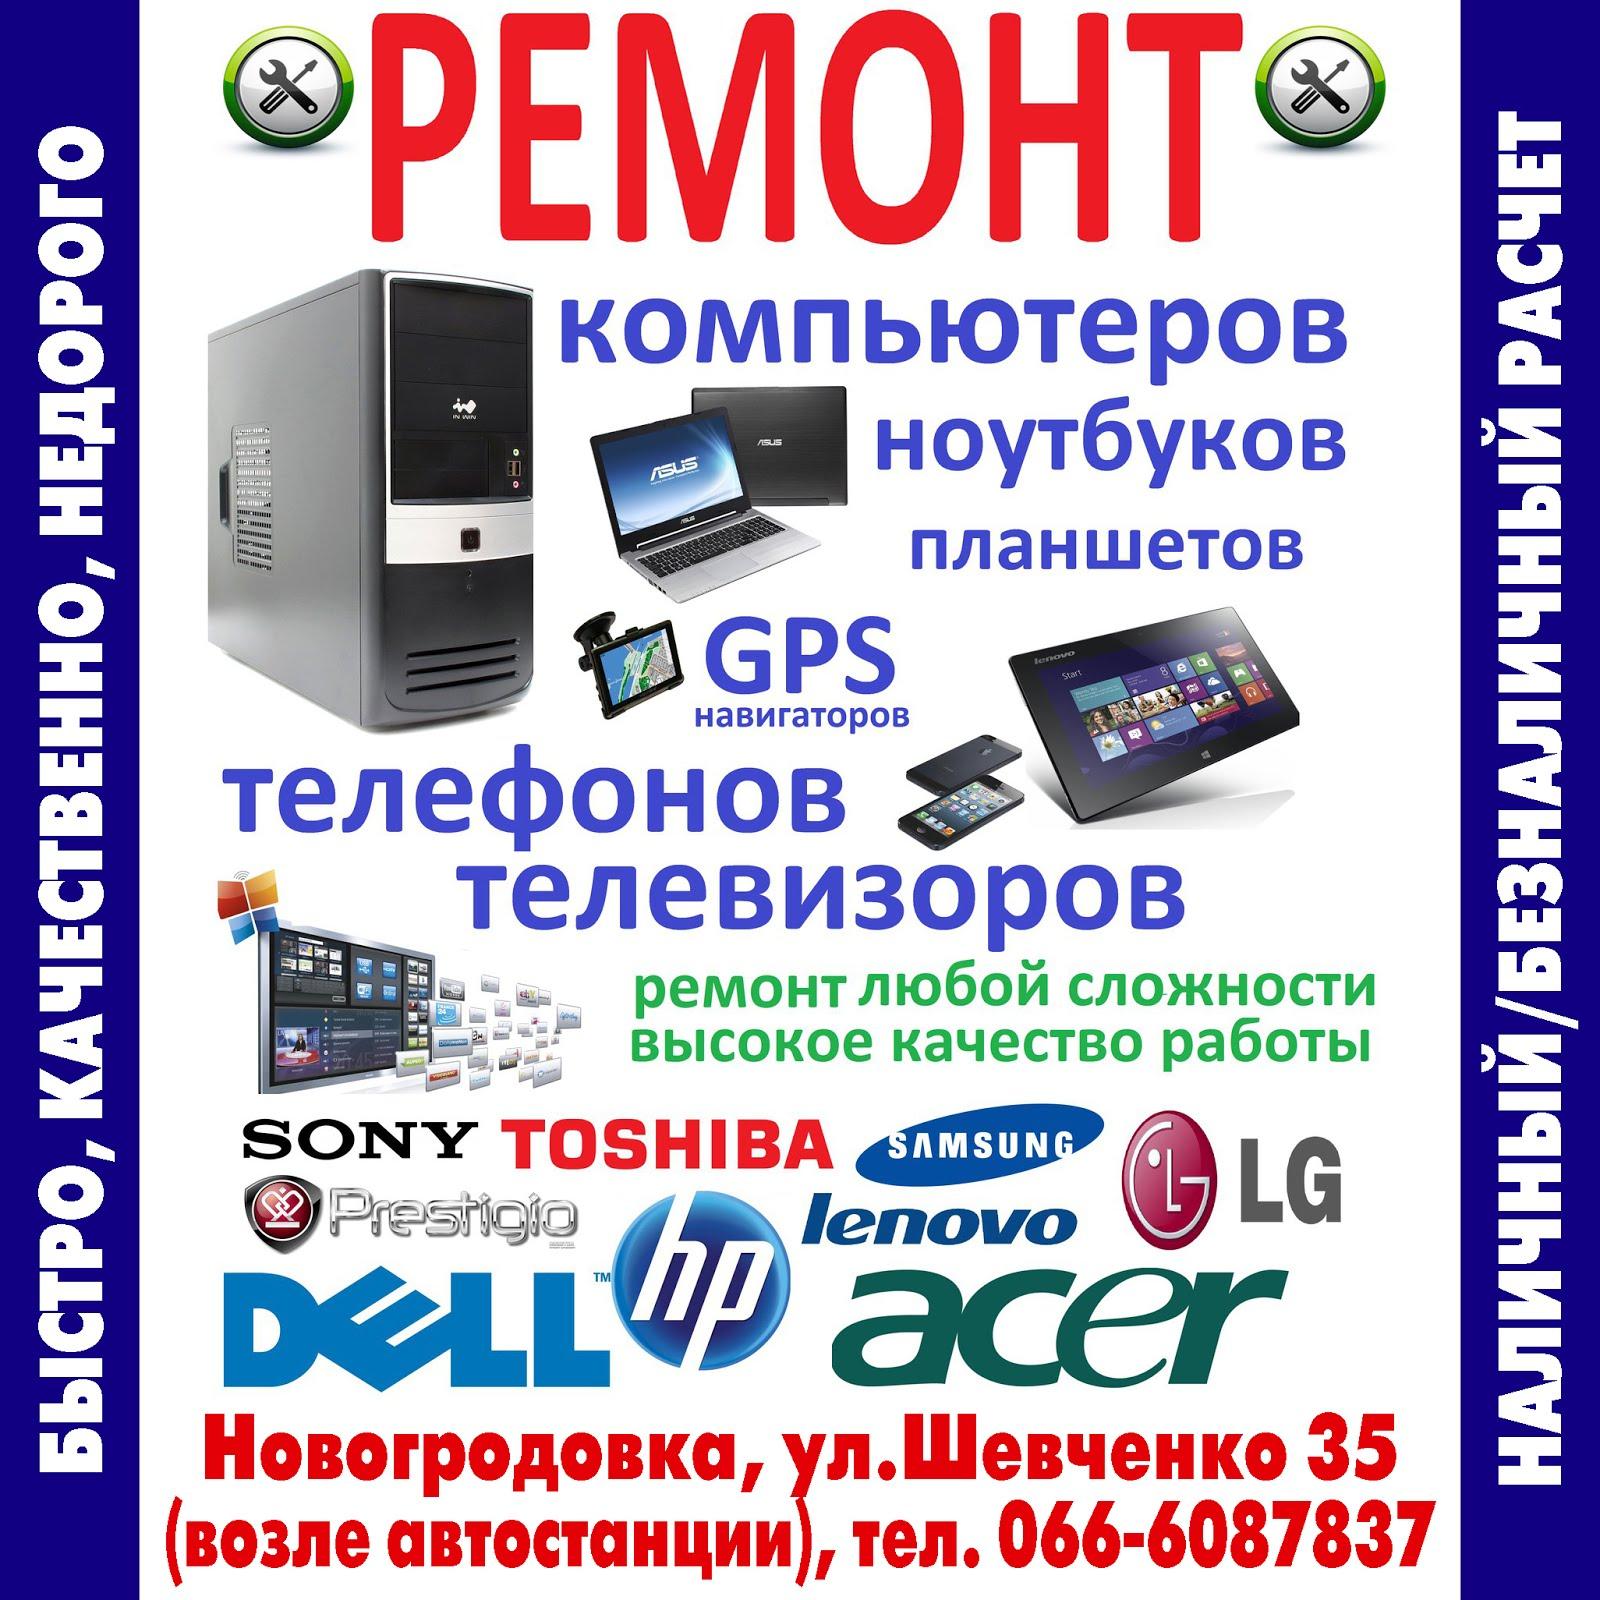 Сервисный центр г. Новогродовка